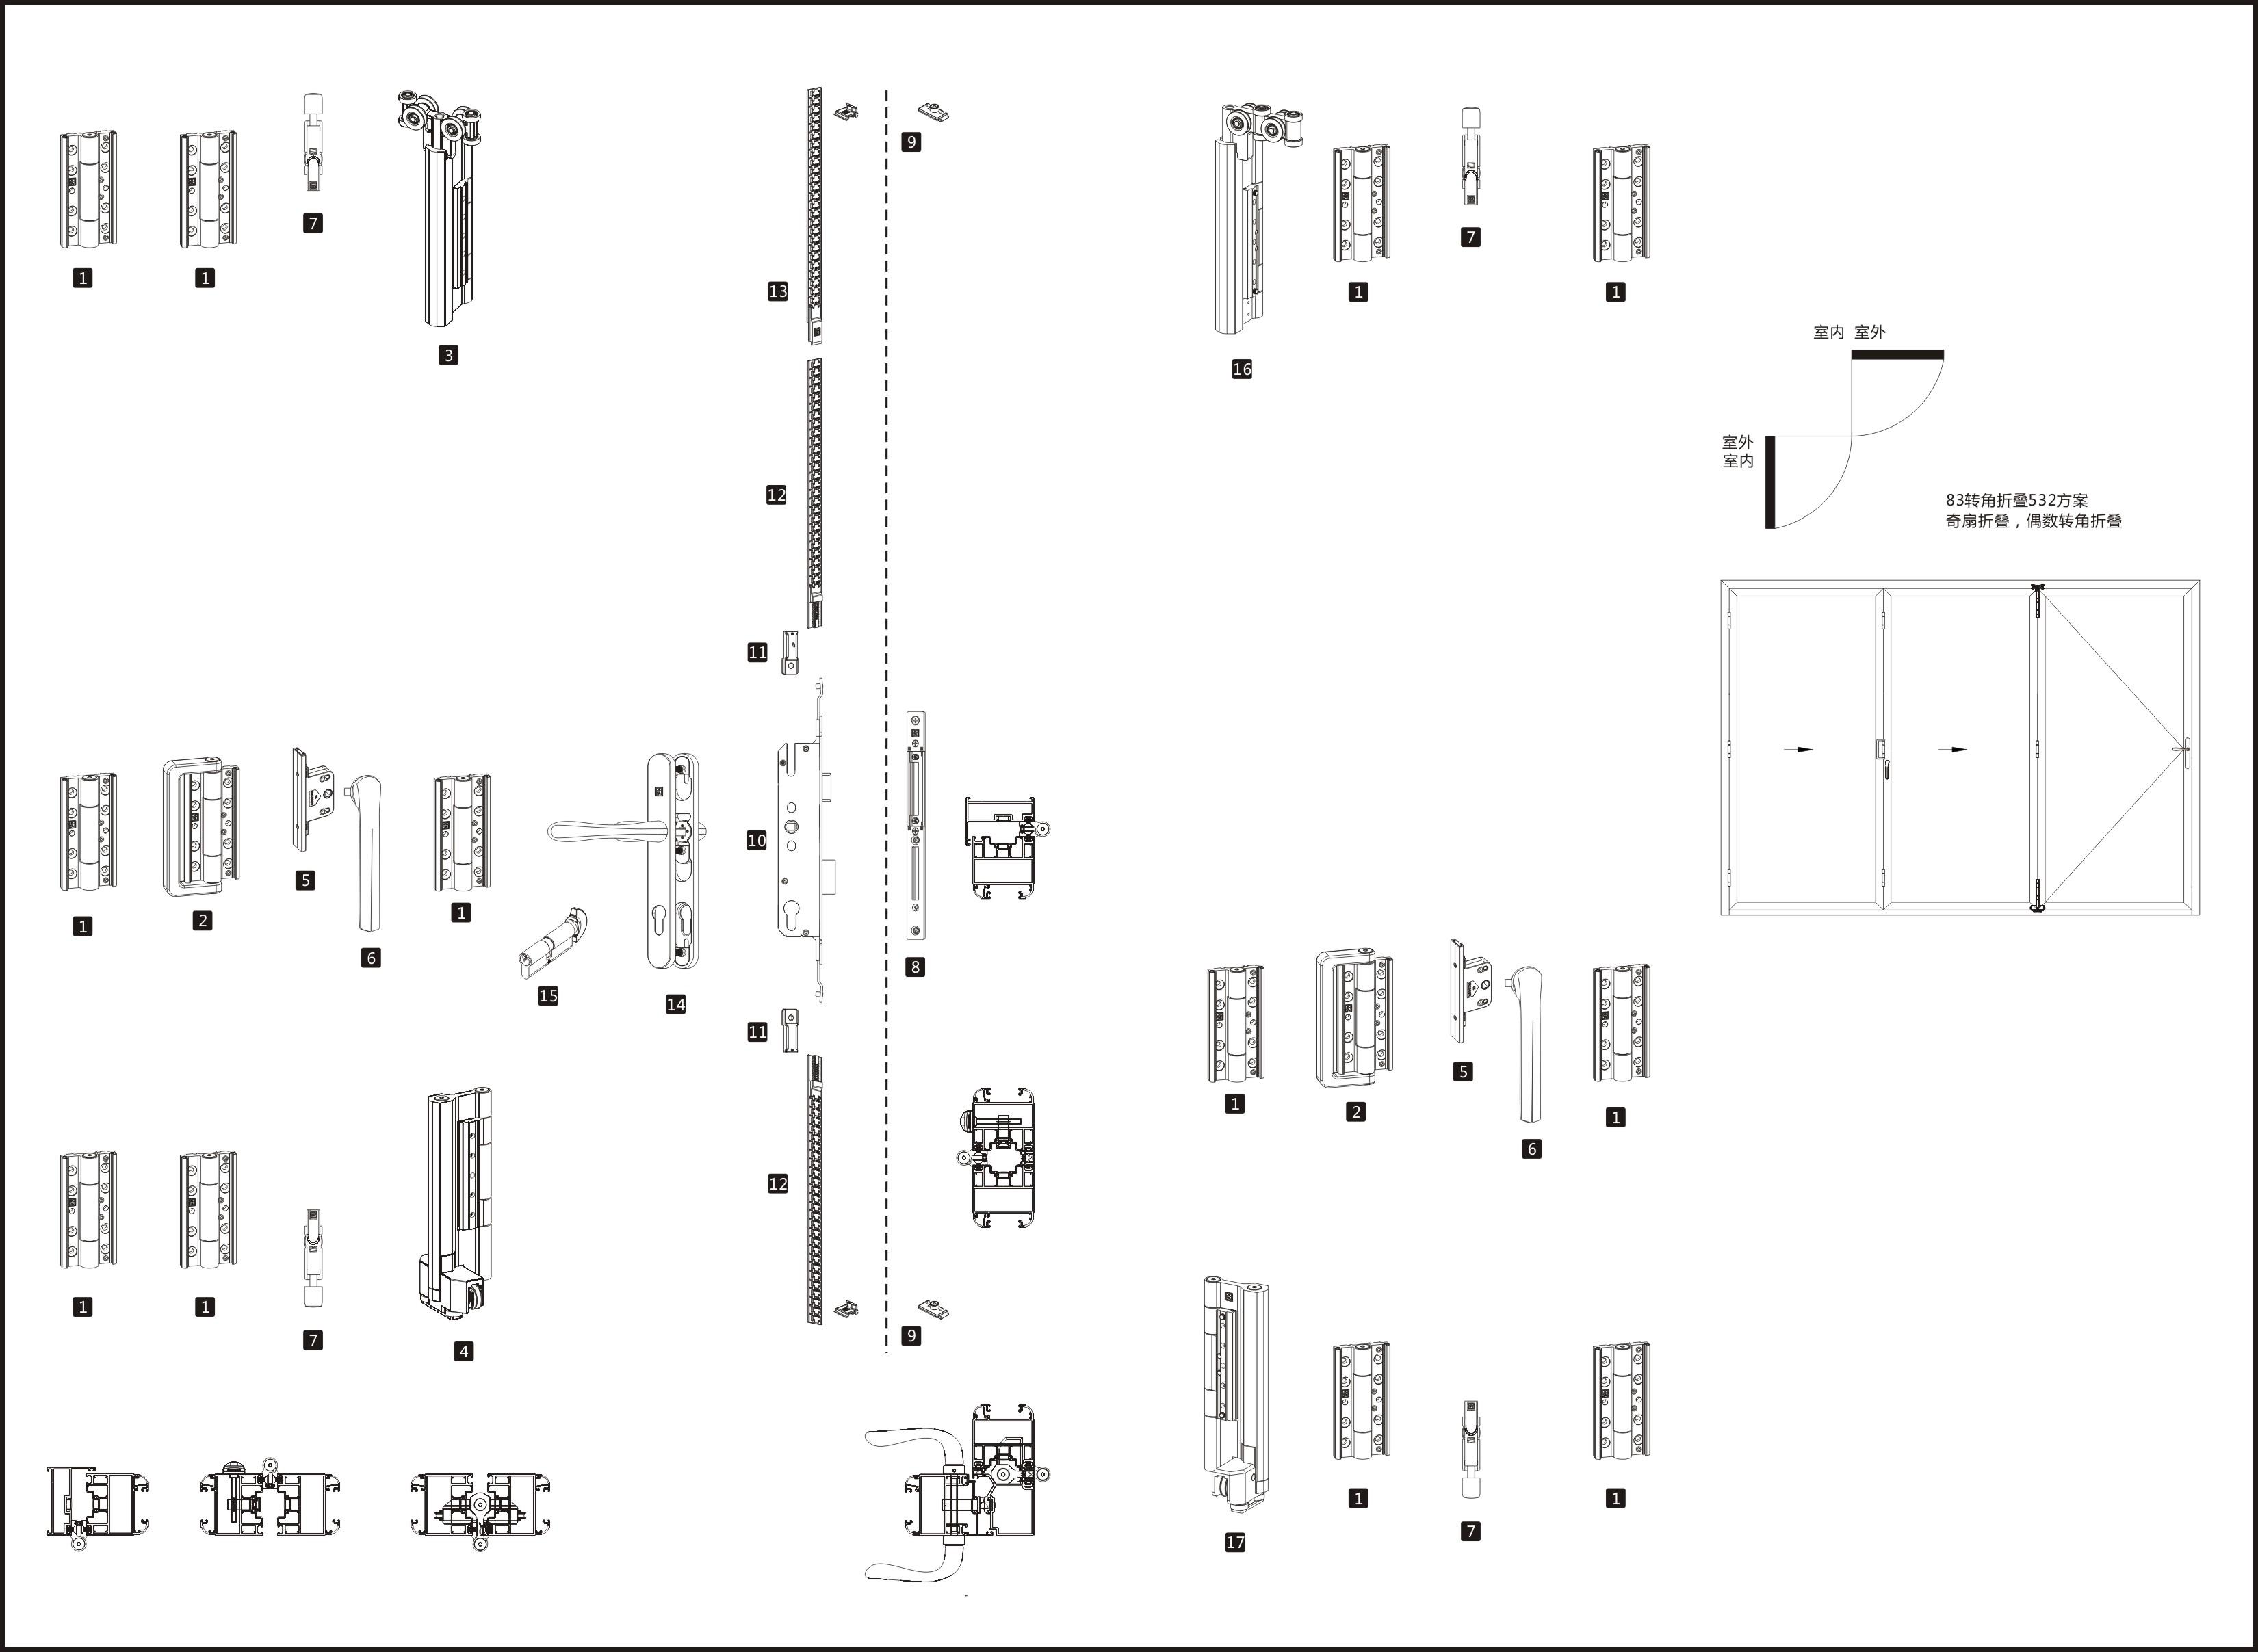 83转角折叠系统532配置清单